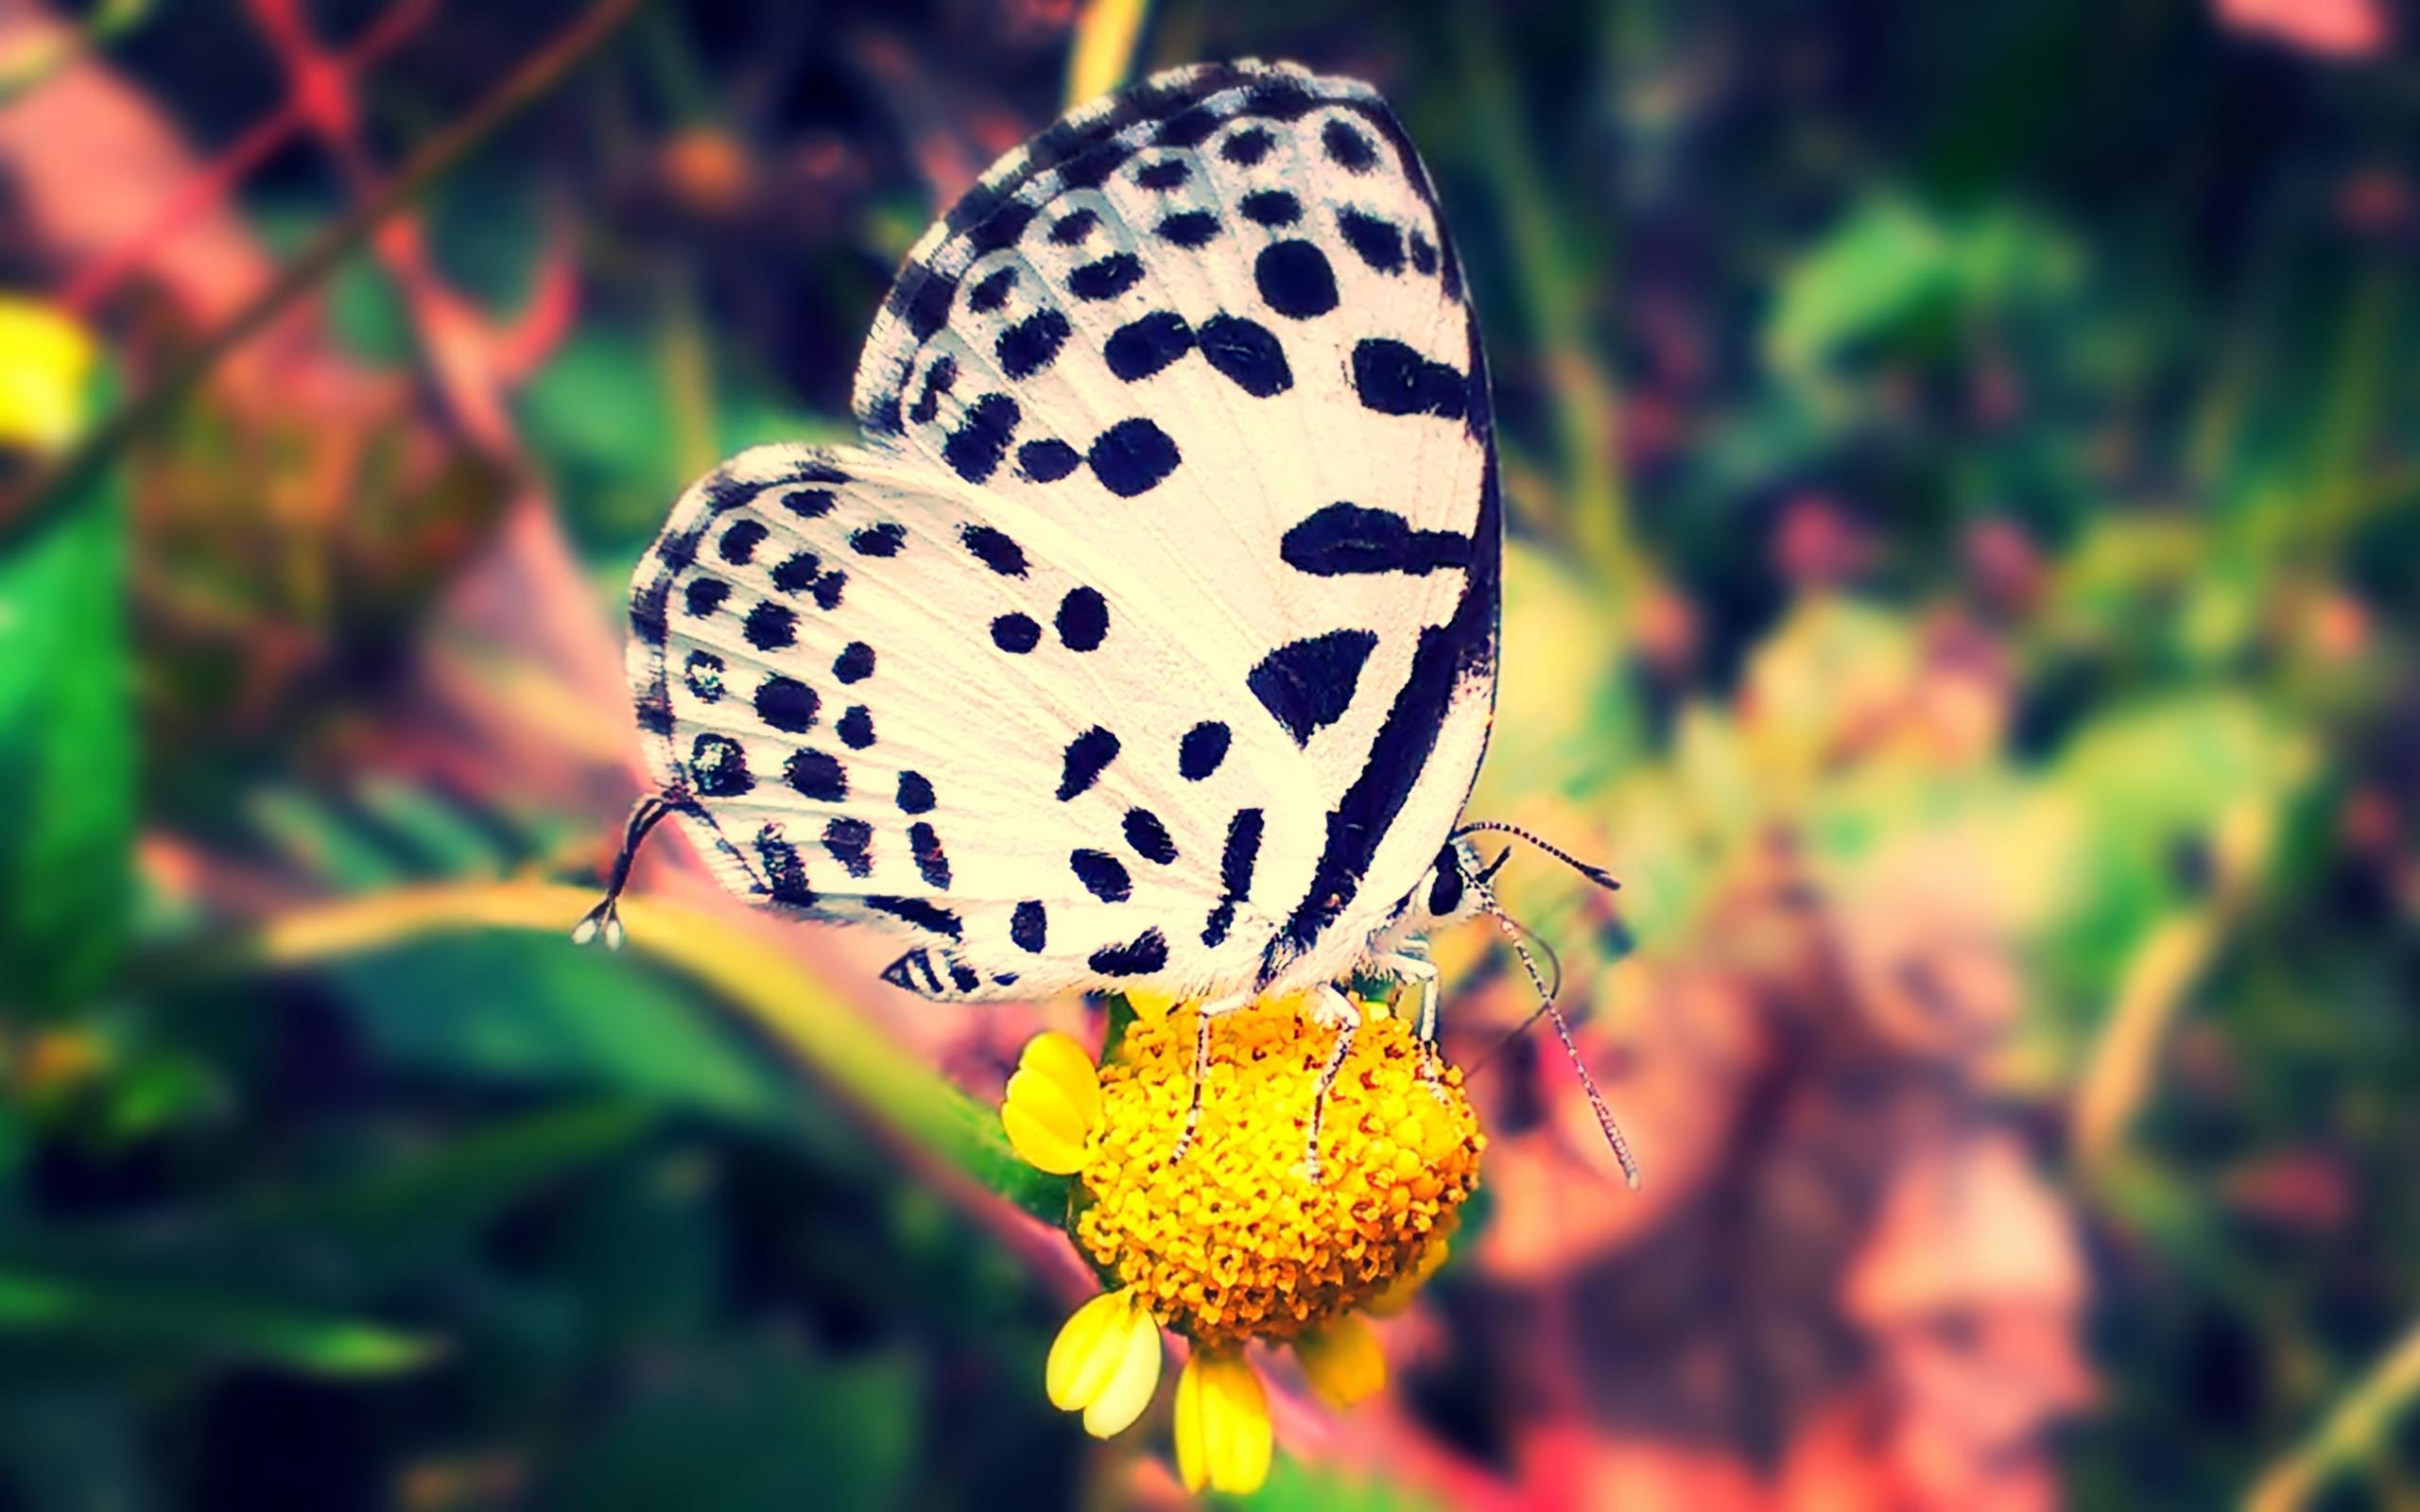 4k Butterfly Wallpaper Aoutos Hd Wallpapers